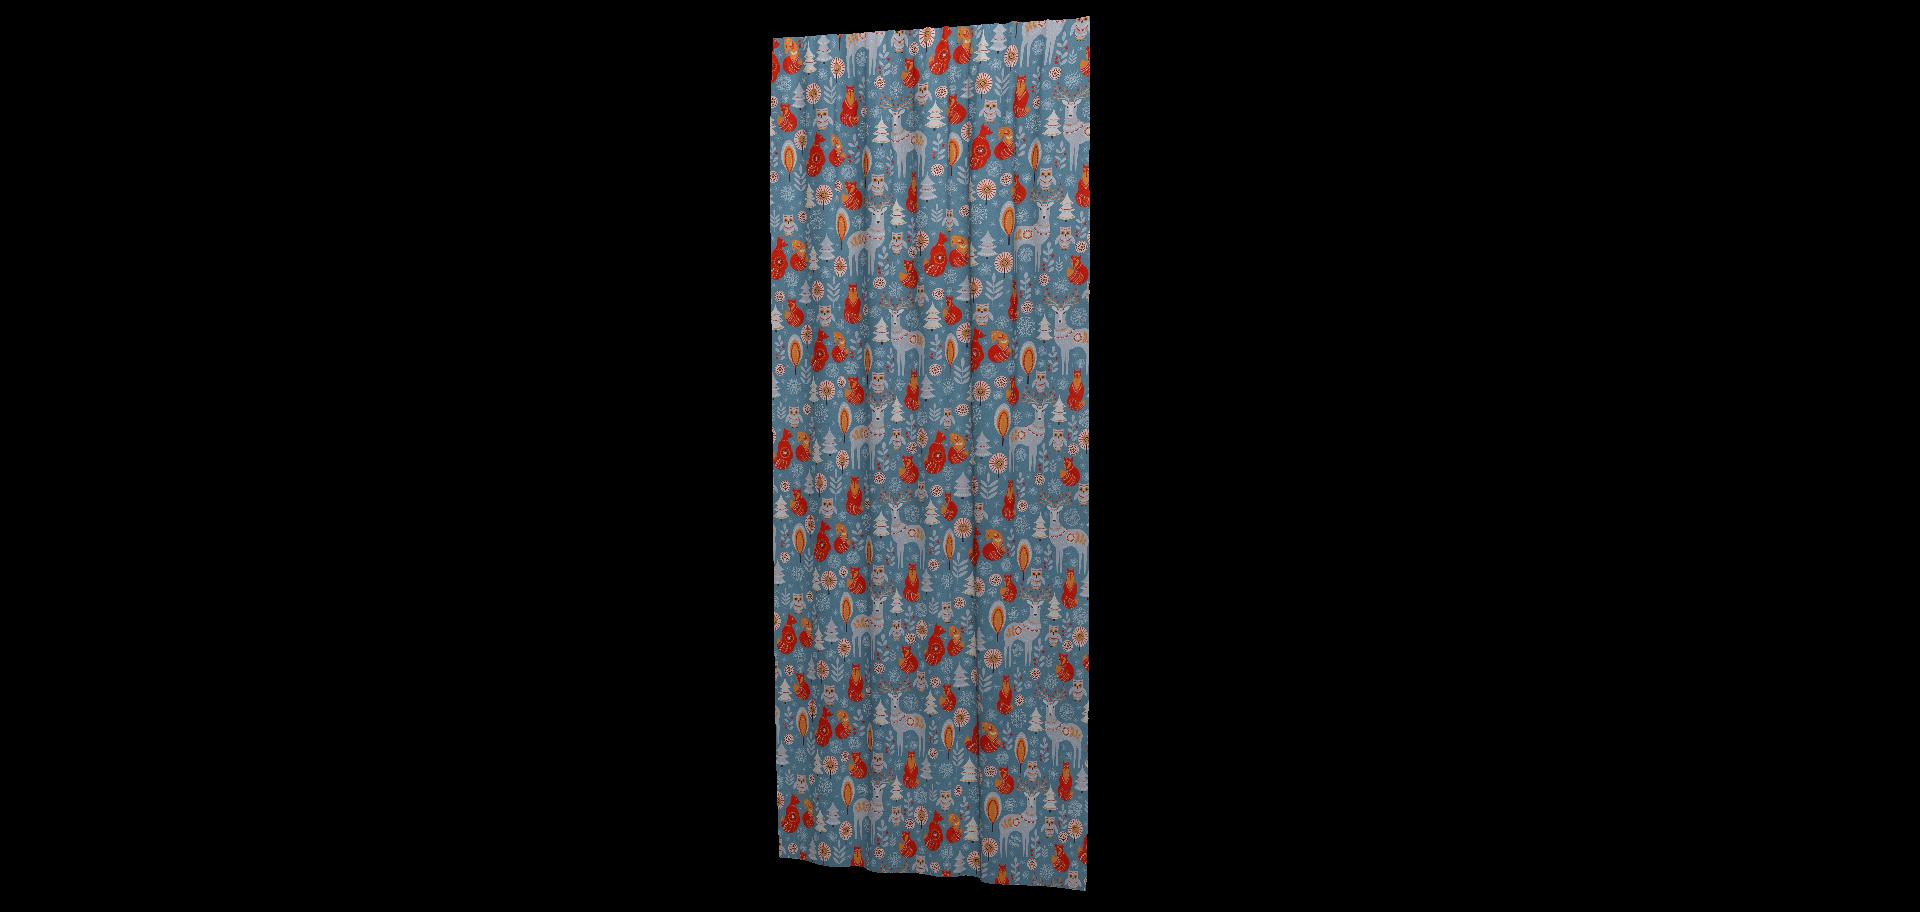 Ткань для штор, салфеток, подушек, скатертей Зима, животные красный на синем фоне - фото 08c75b256f5c148e54ab94c79741c080.png